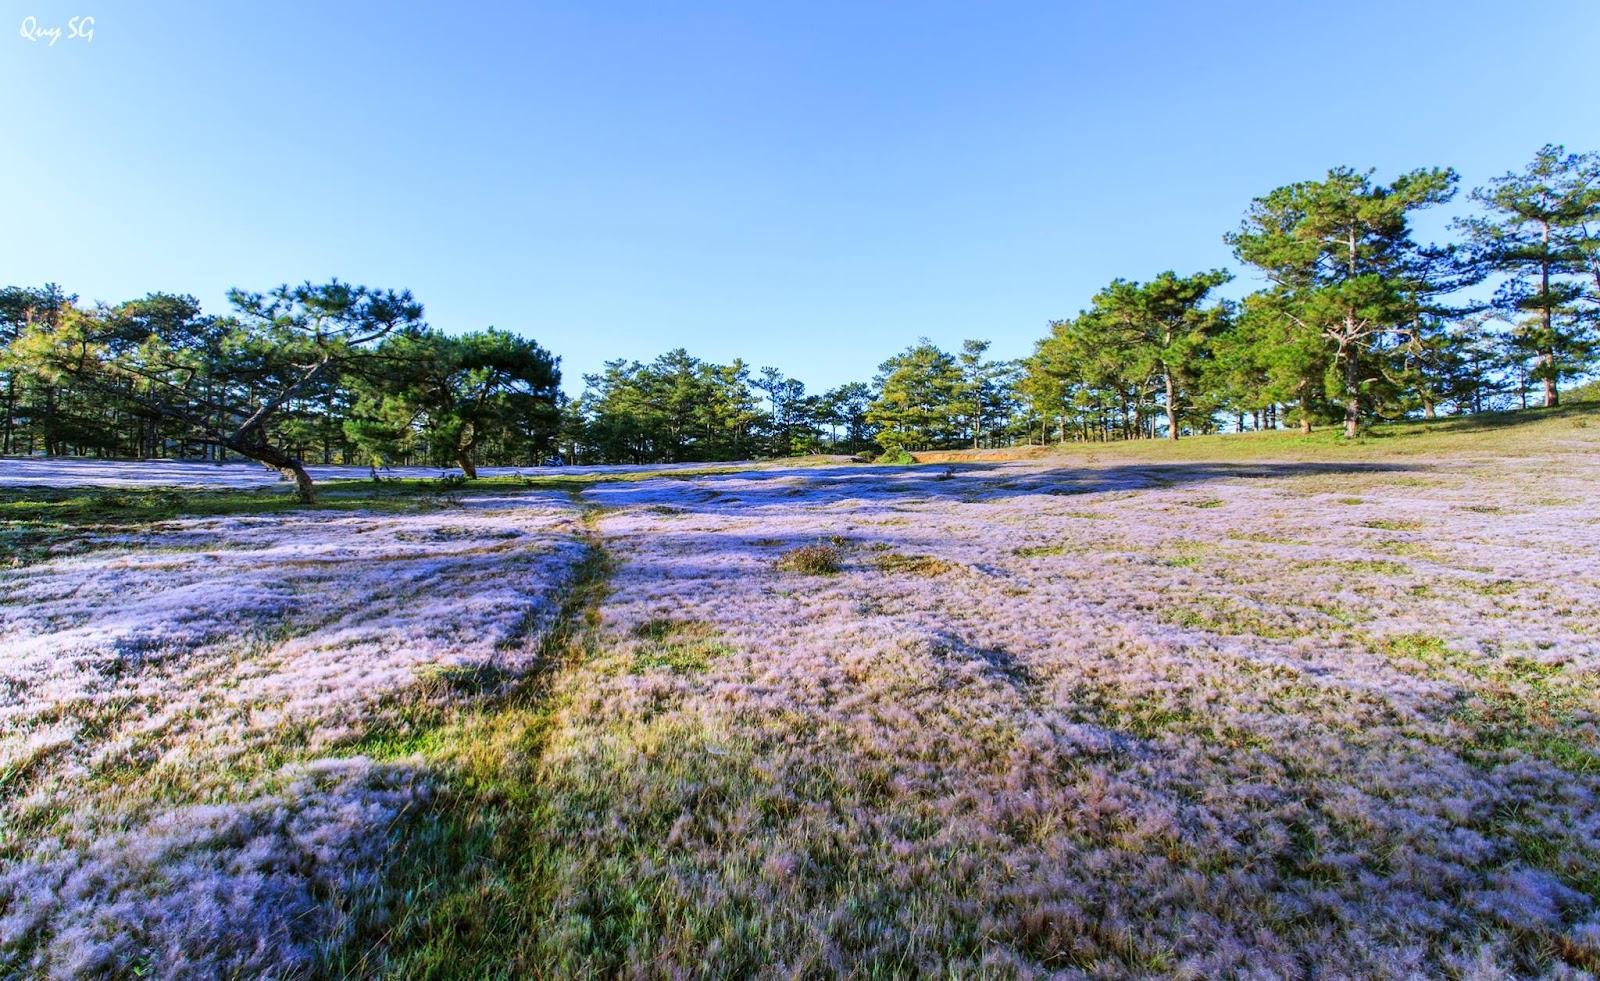 Đồi cỏ hồng phủ trắng xóa ngọn đồi